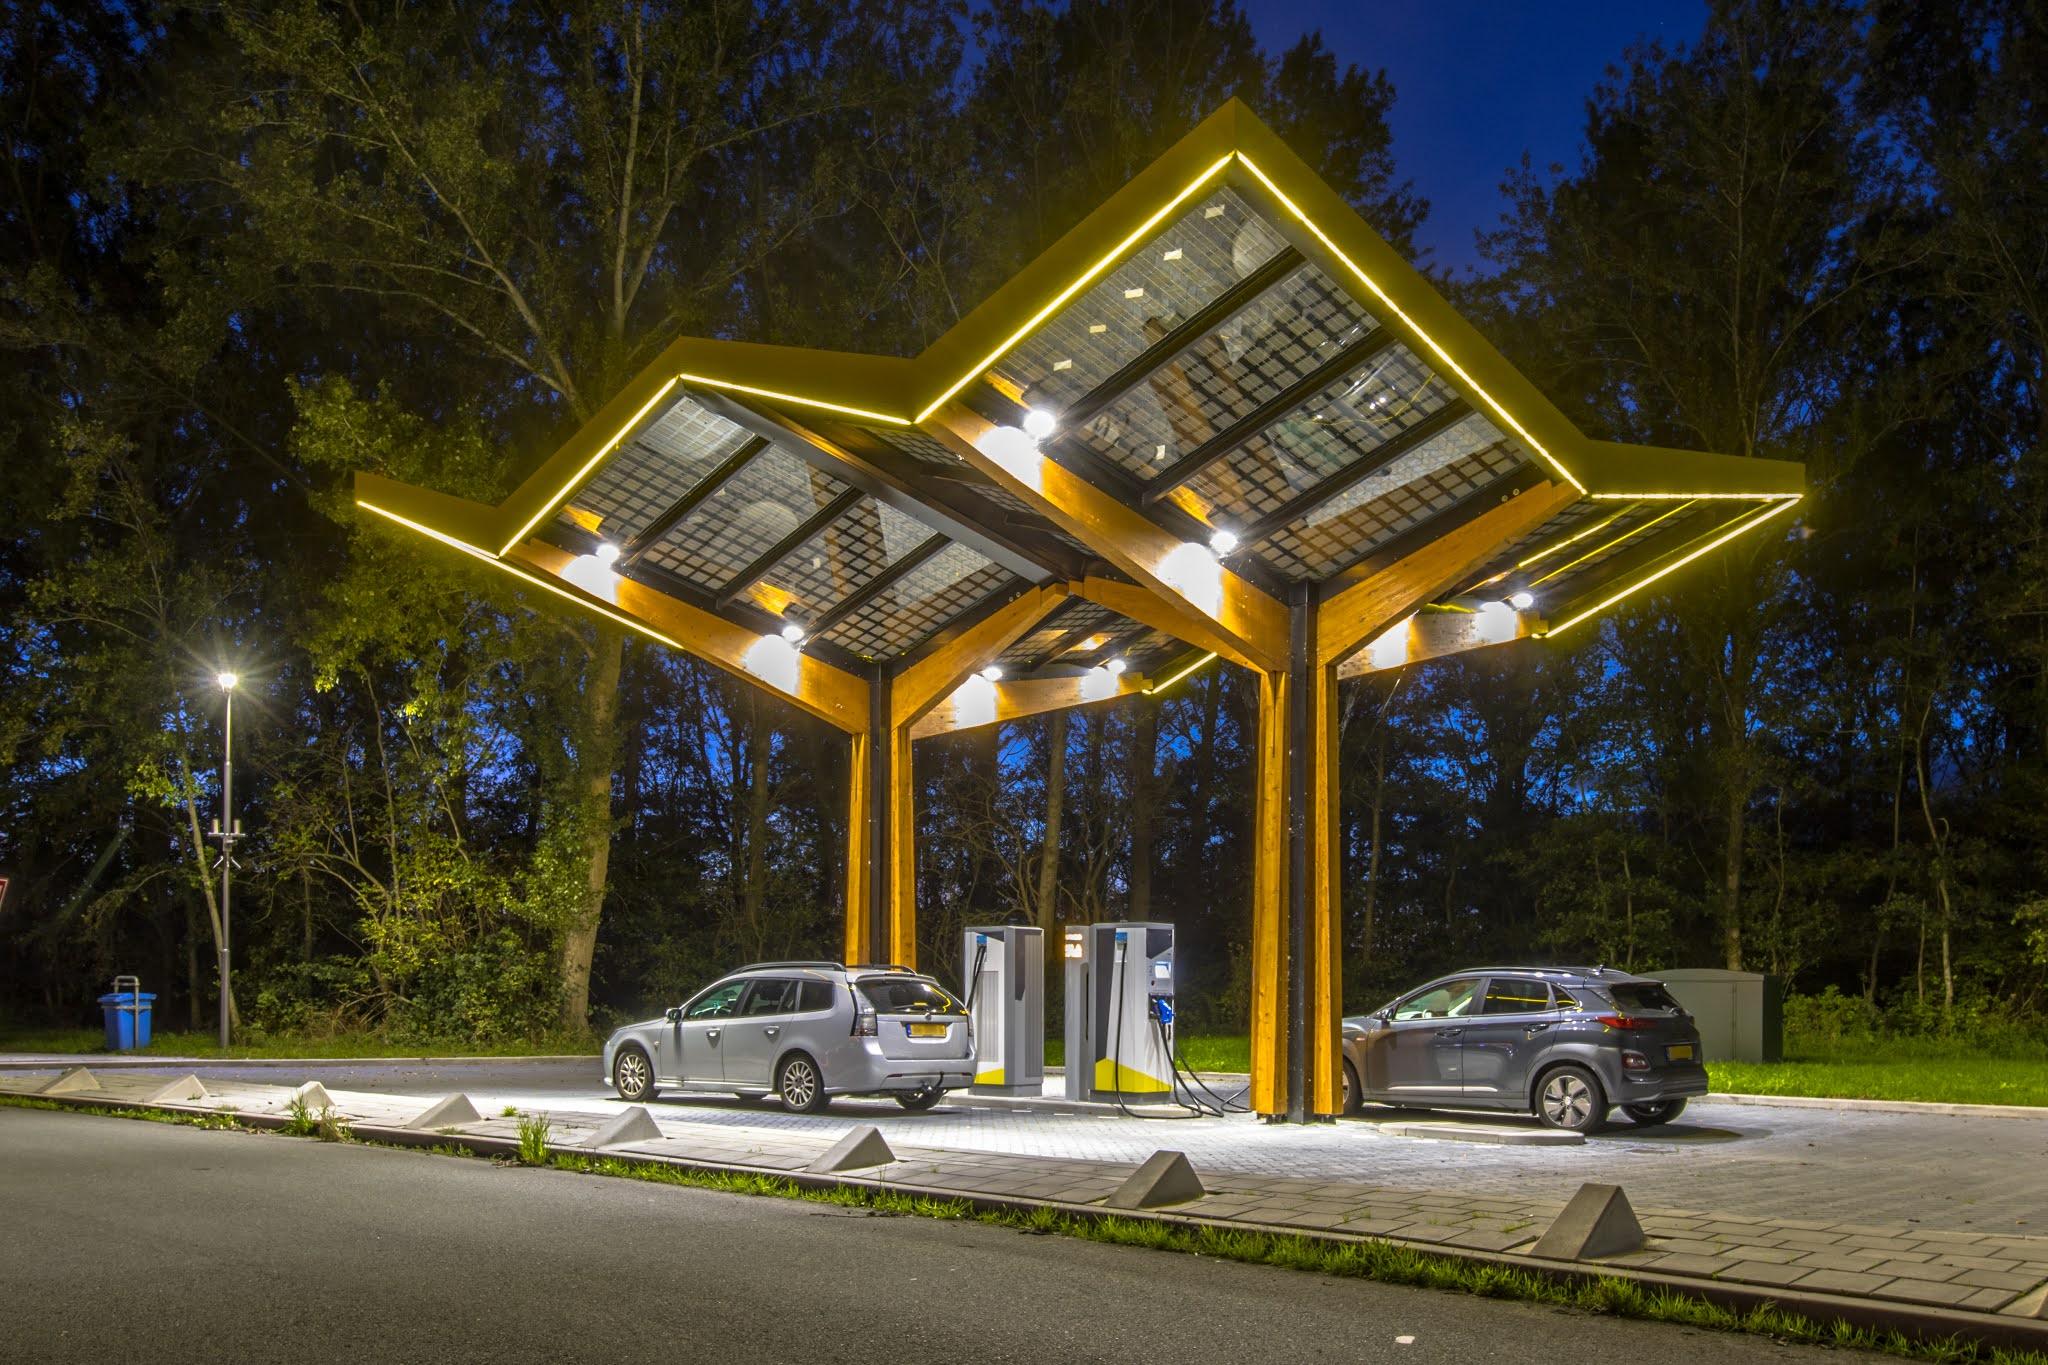 السيسي يتابع استراتيجية توطين صناعة المركبات الكهربائية